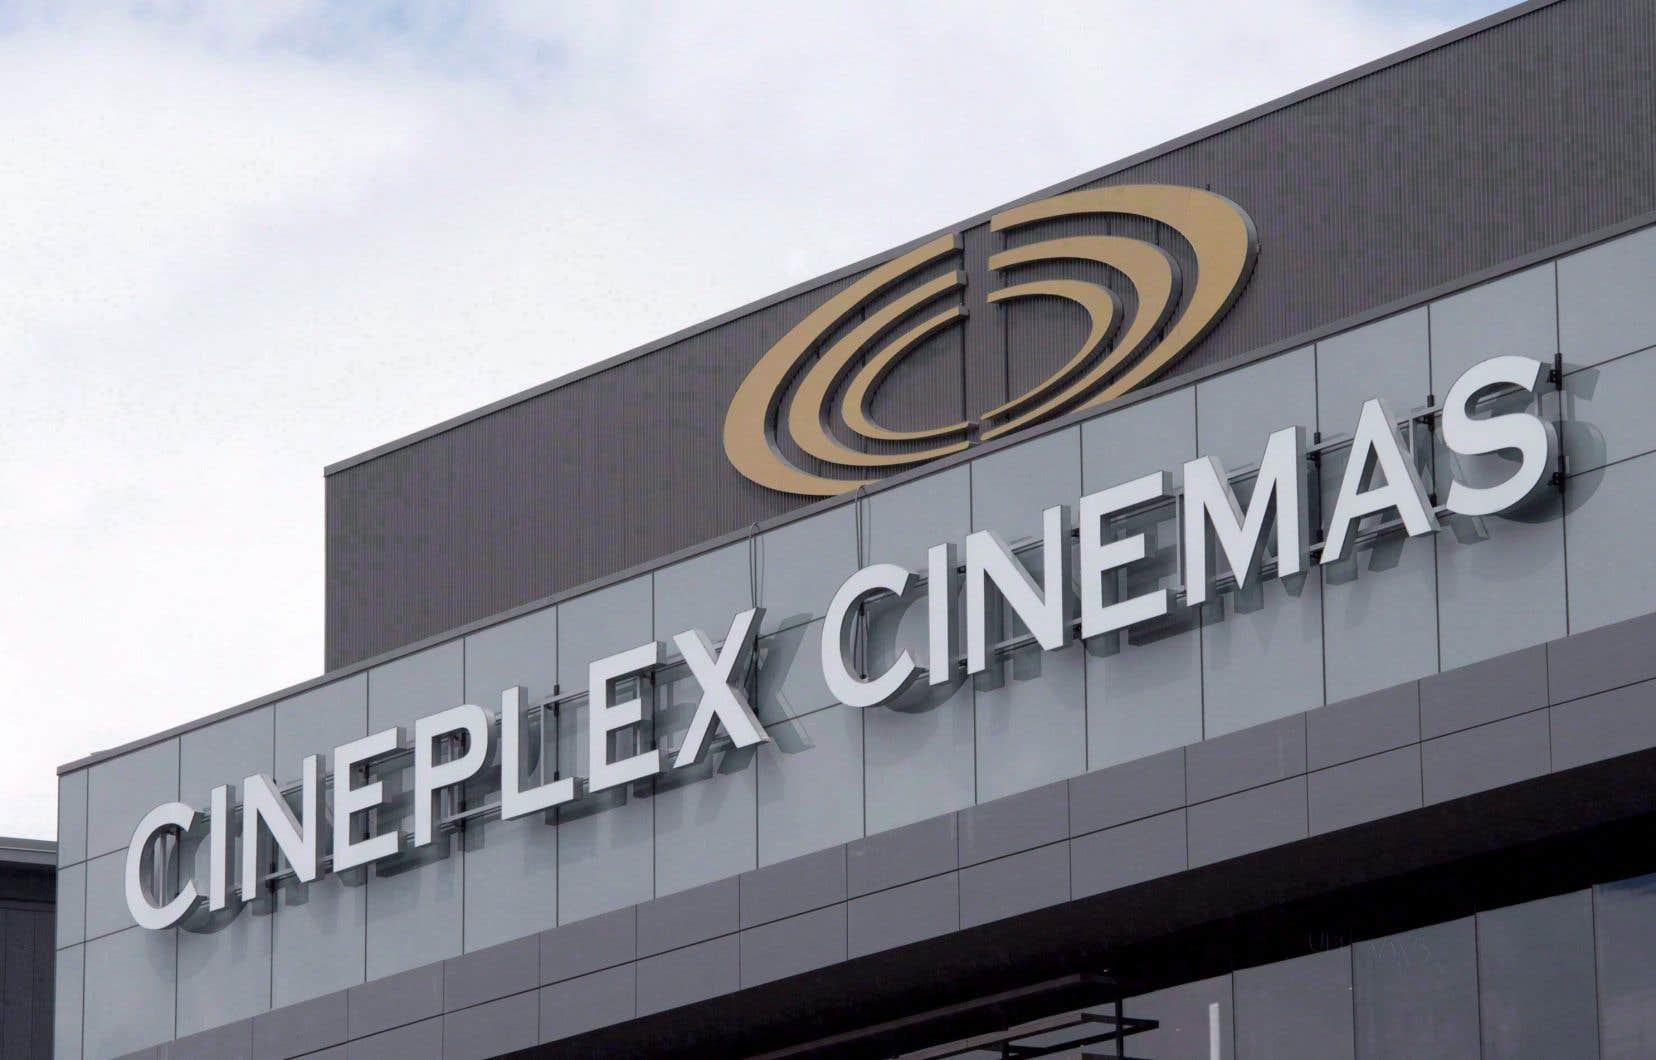 Cineplex prossède 165 salles de cinéma au Canada.